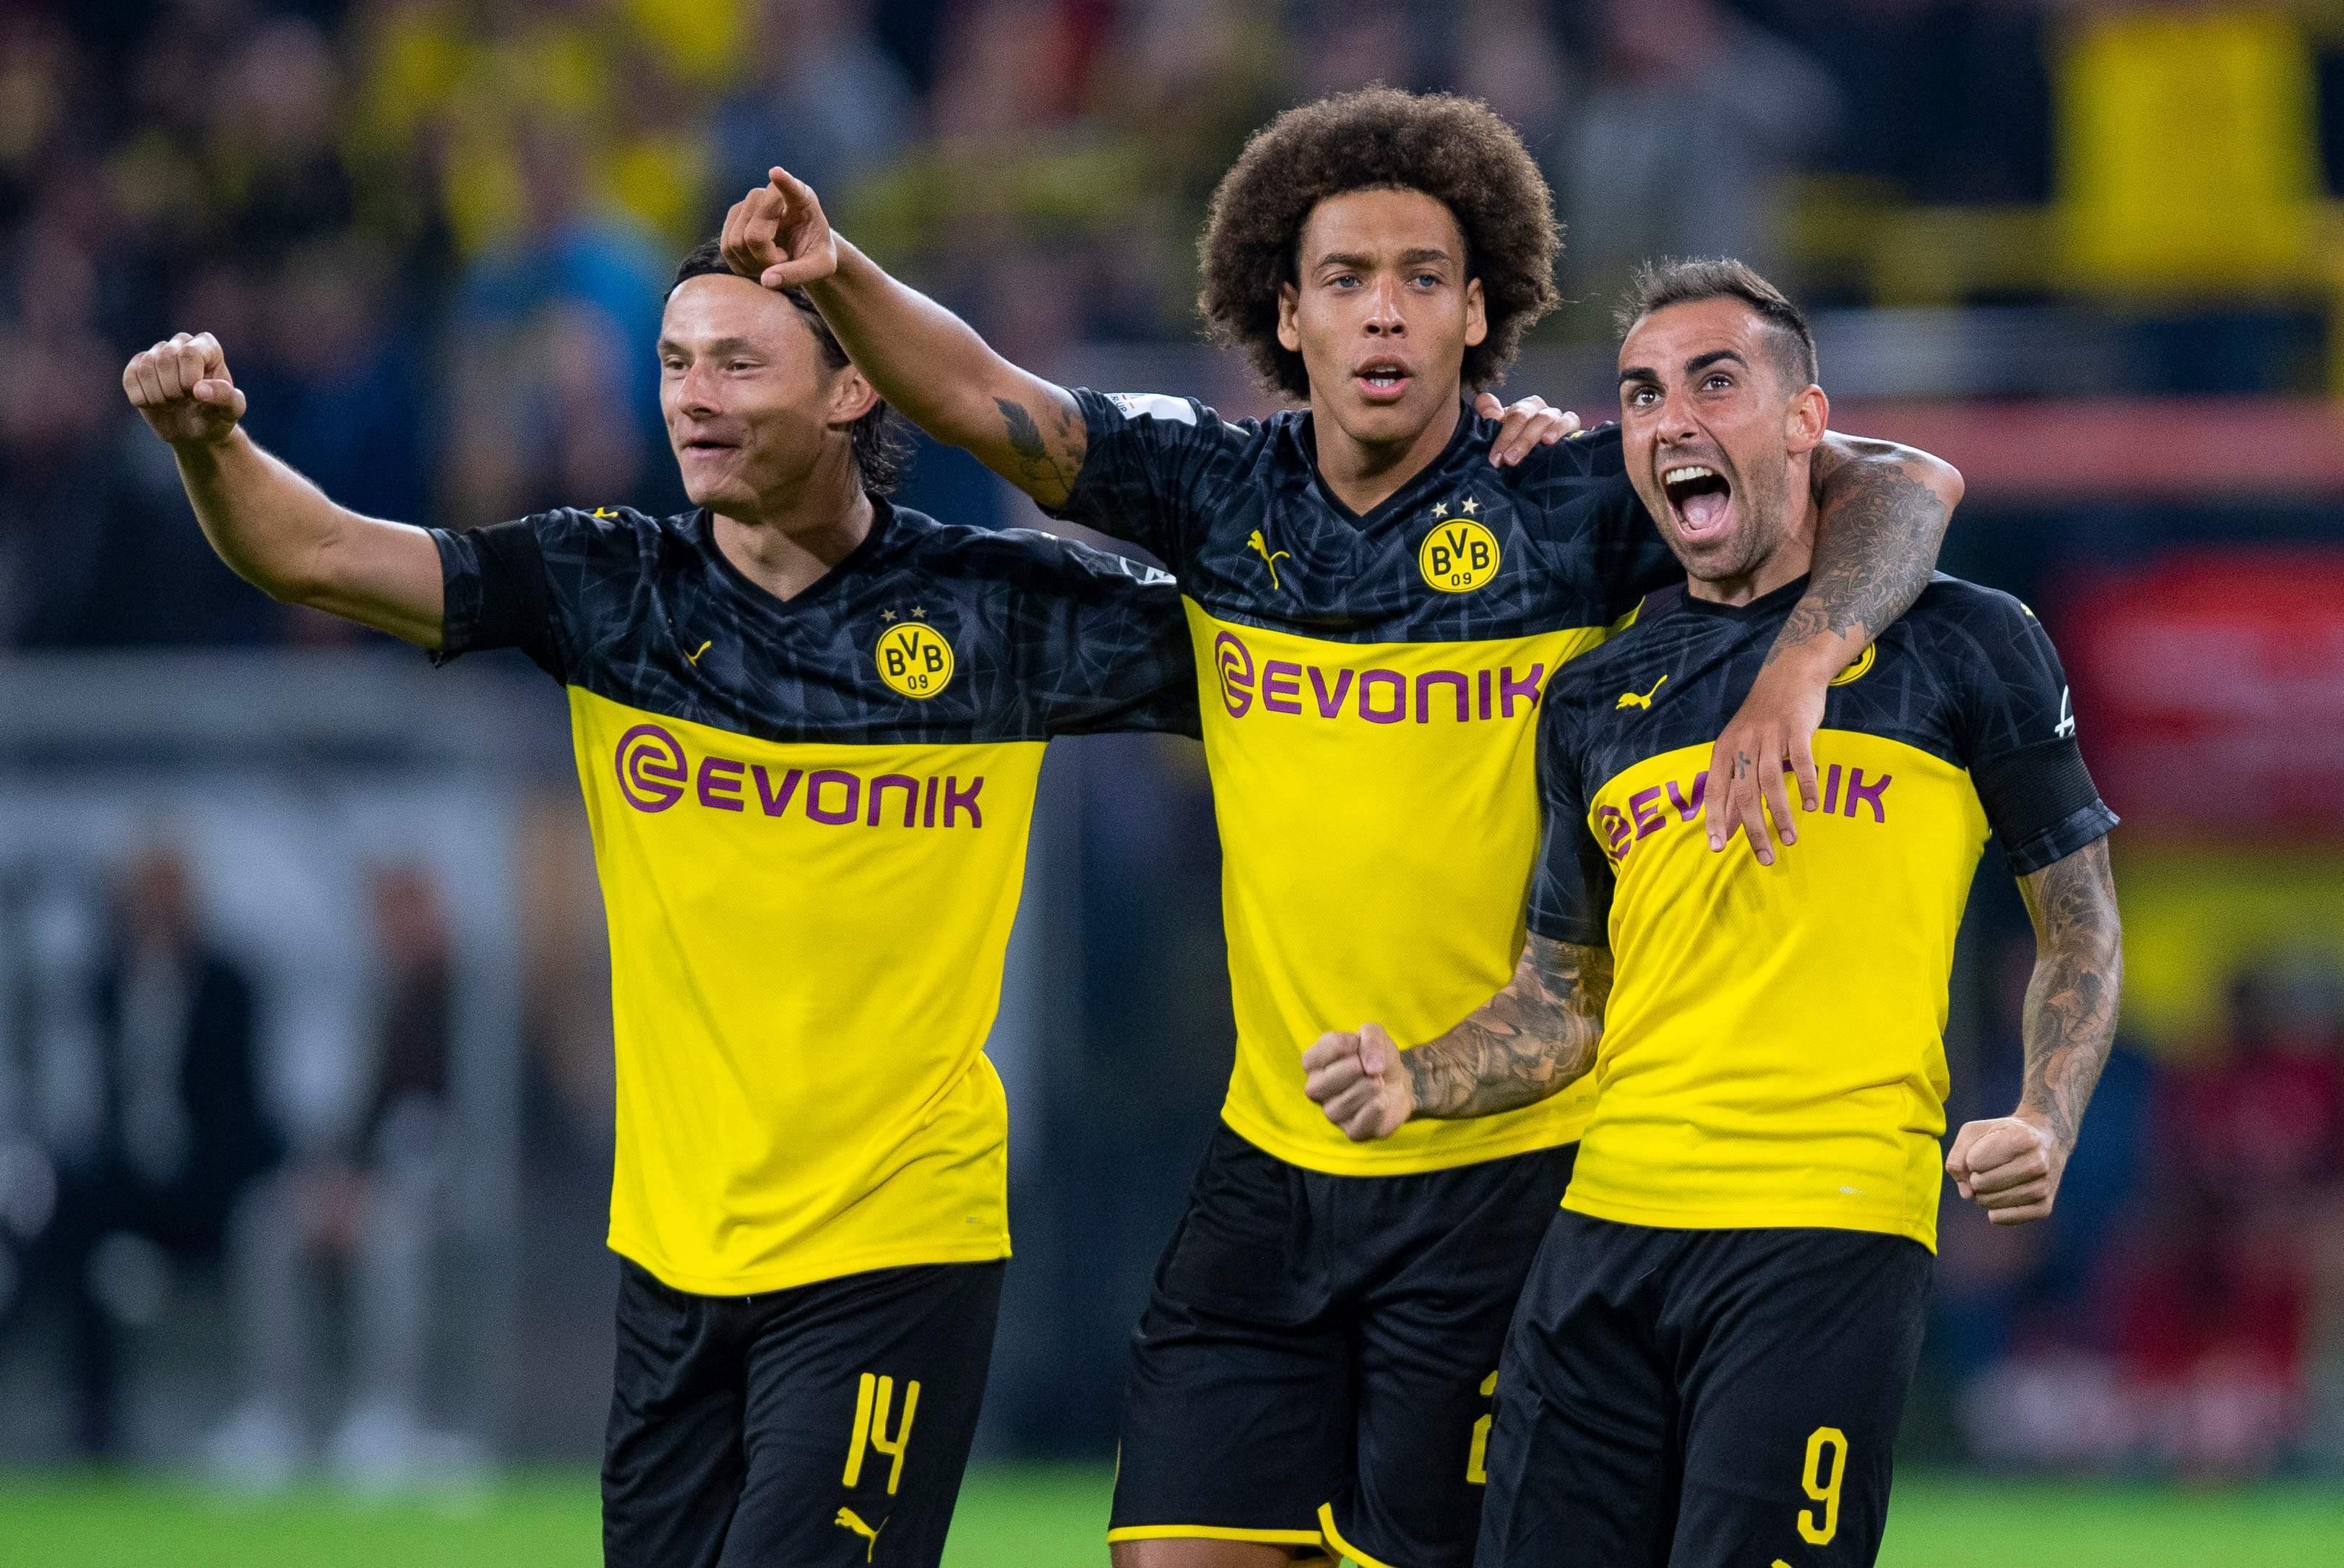 Football - Etranger - Supercoupe d'Allemagne : Dortmund bat Munich et affiche ses ambitions